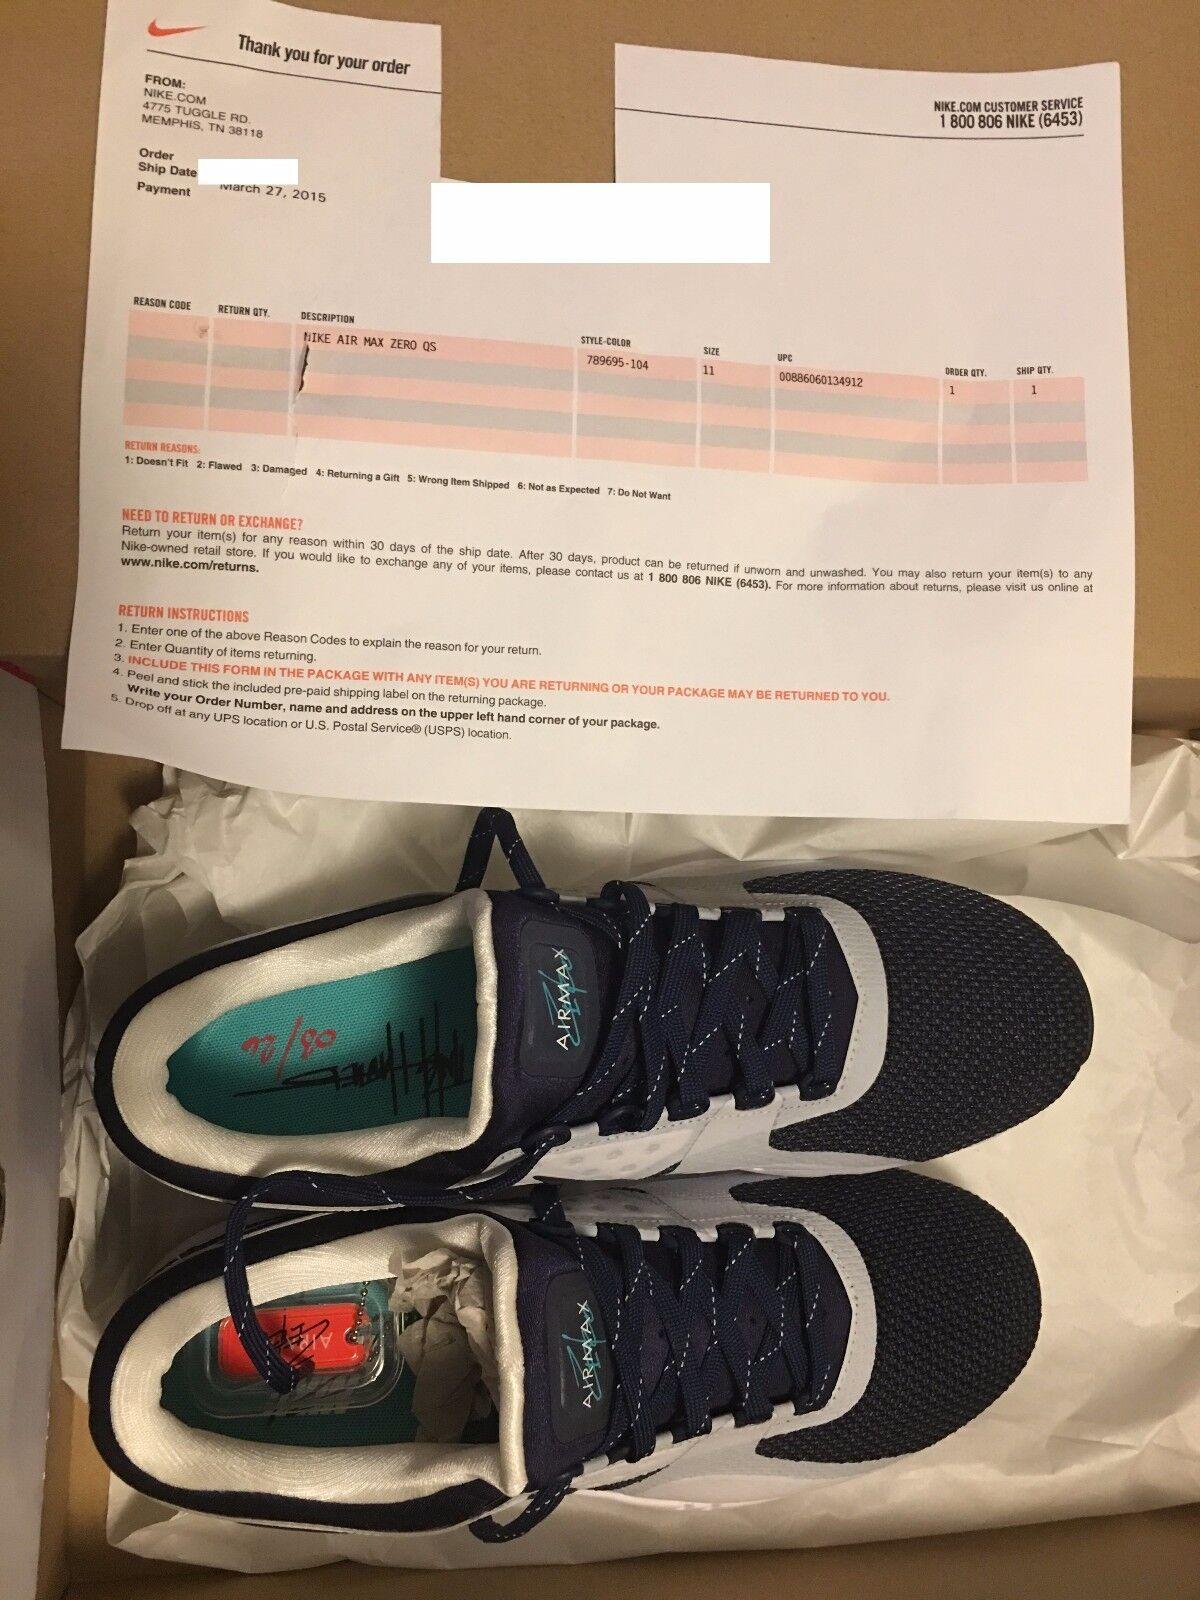 Nike air 11 max - og qs ursprünglichen blau größe 11 air 789695-104 erste release 4f94ba